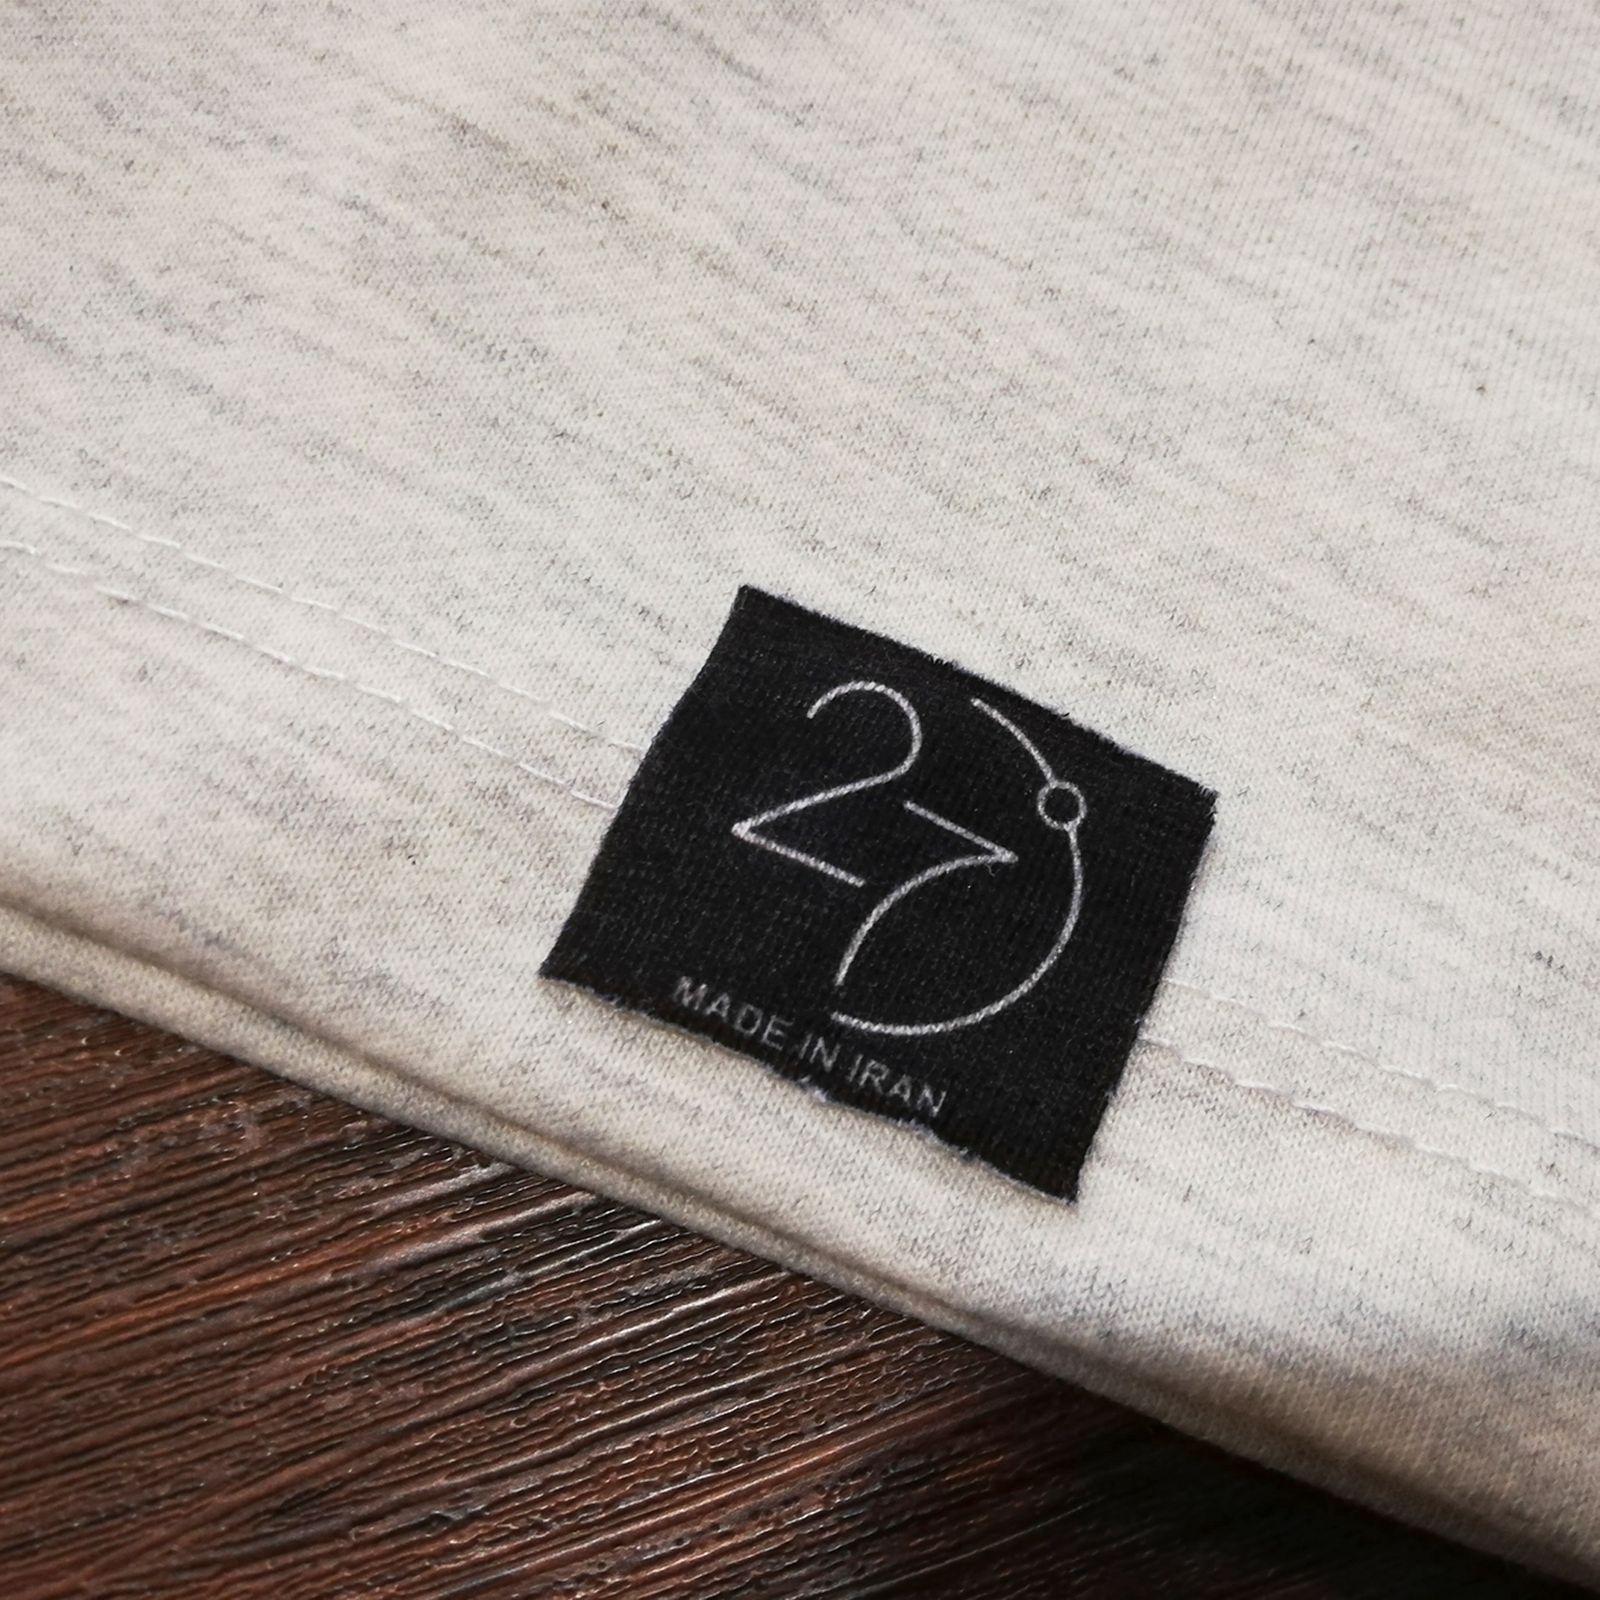 تیشرت مردانه 27 مدل alone کد K07 -  - 4